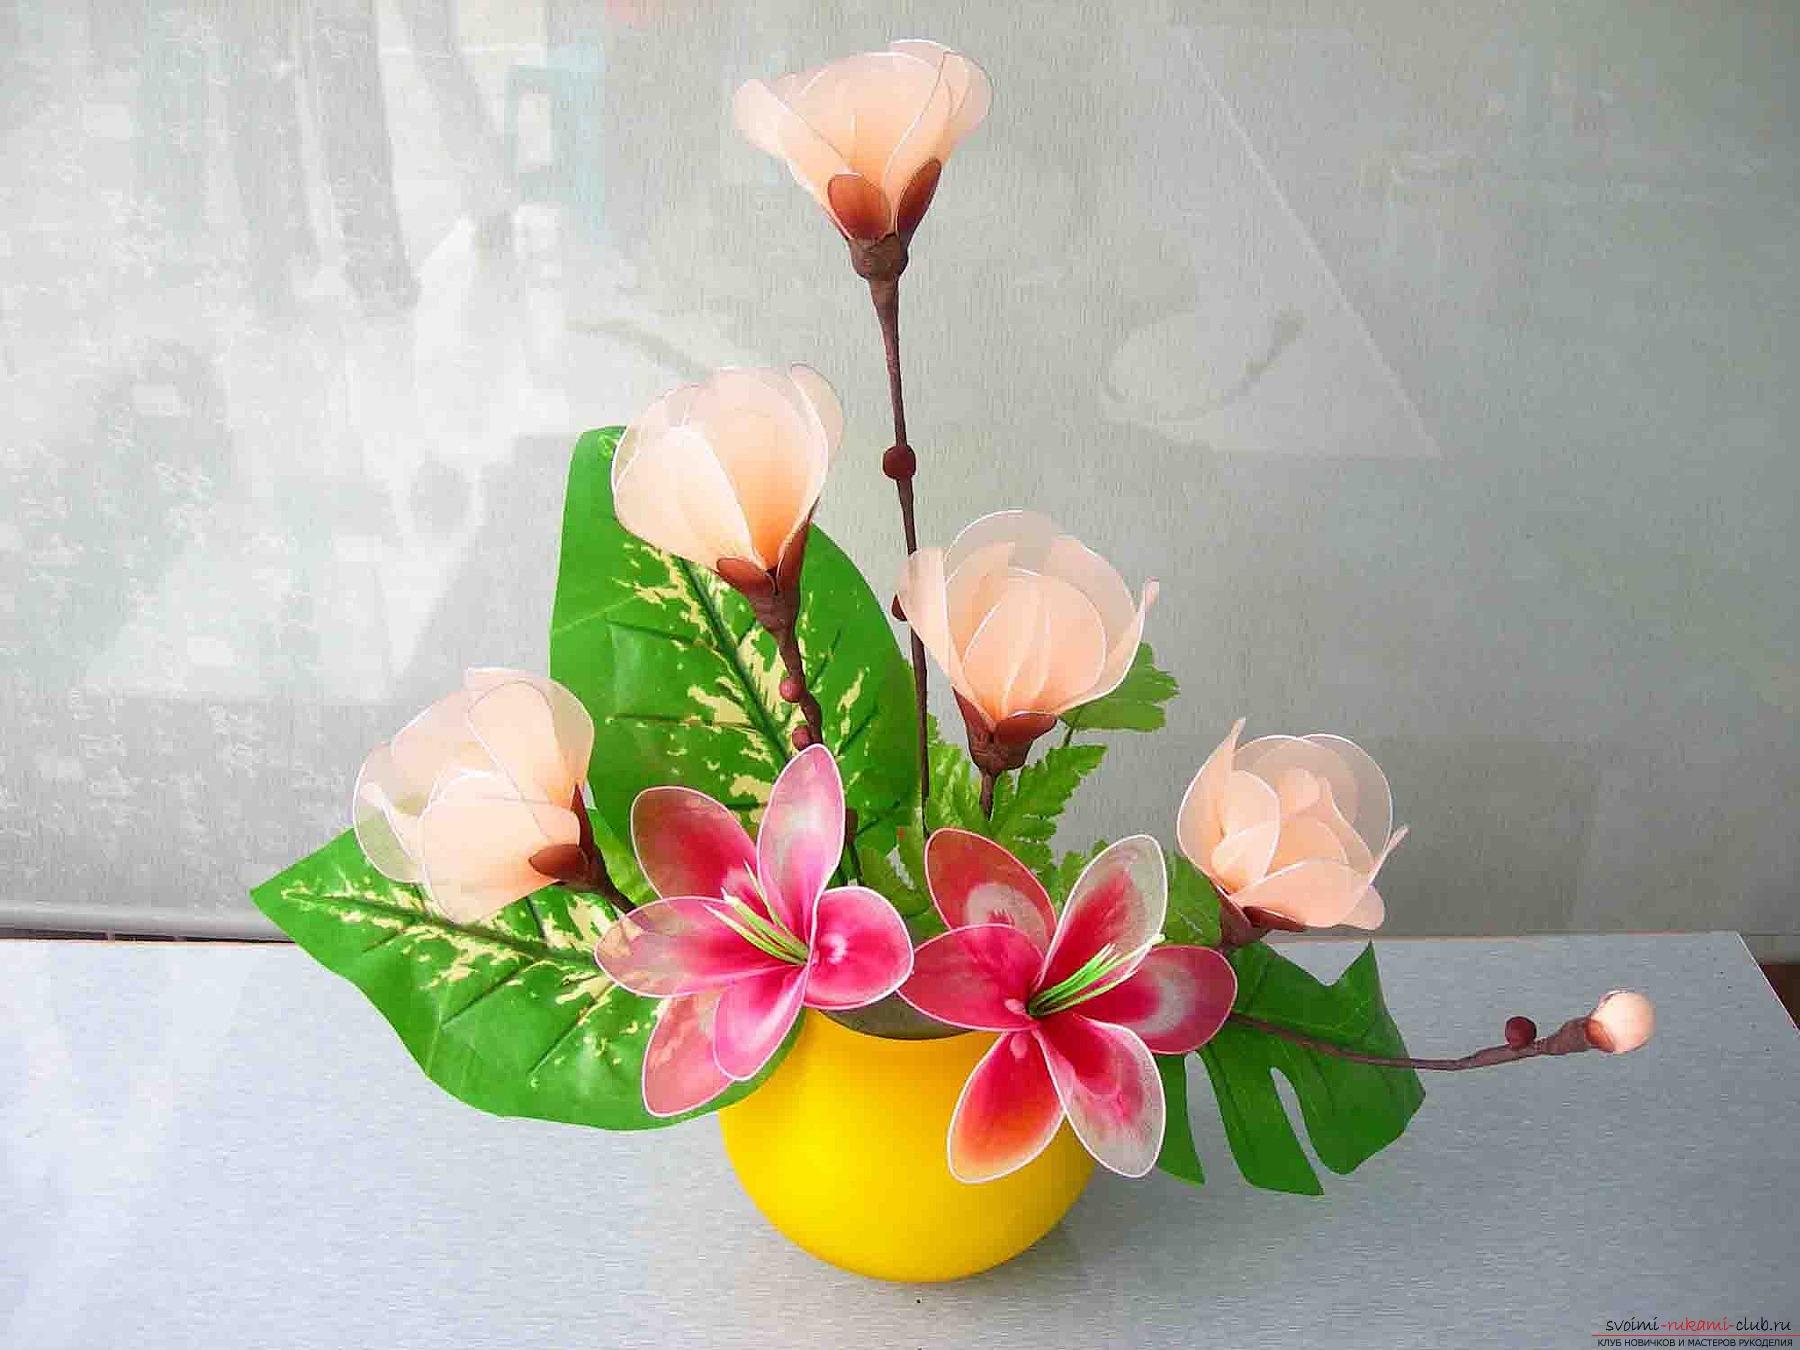 Цветы из своими руками мастер класс канзаши видео